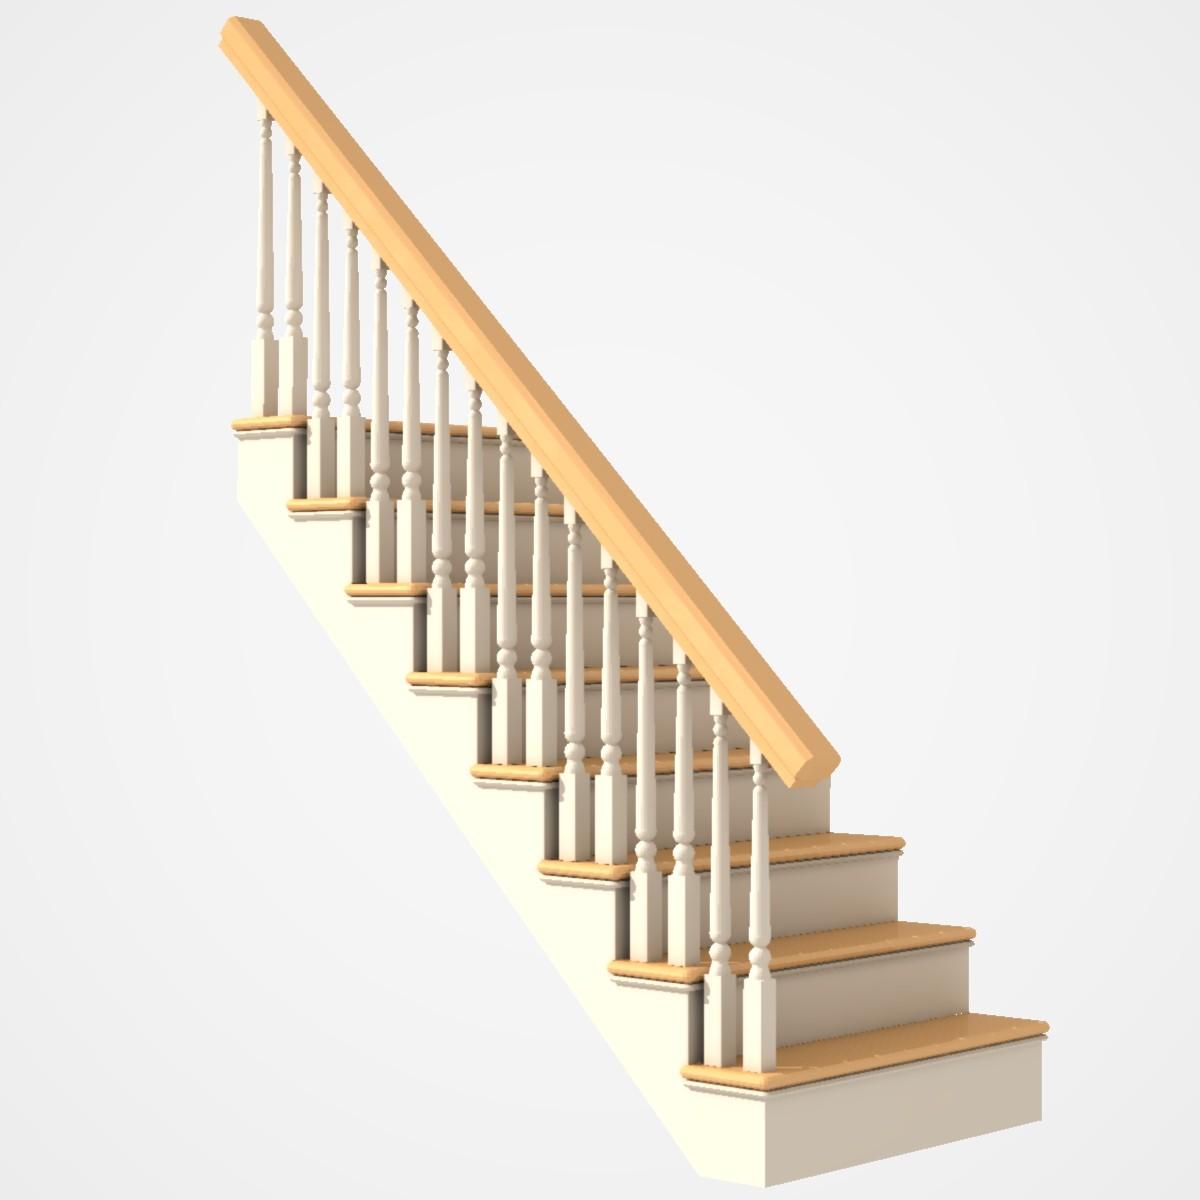 woodenStairs1.jpg